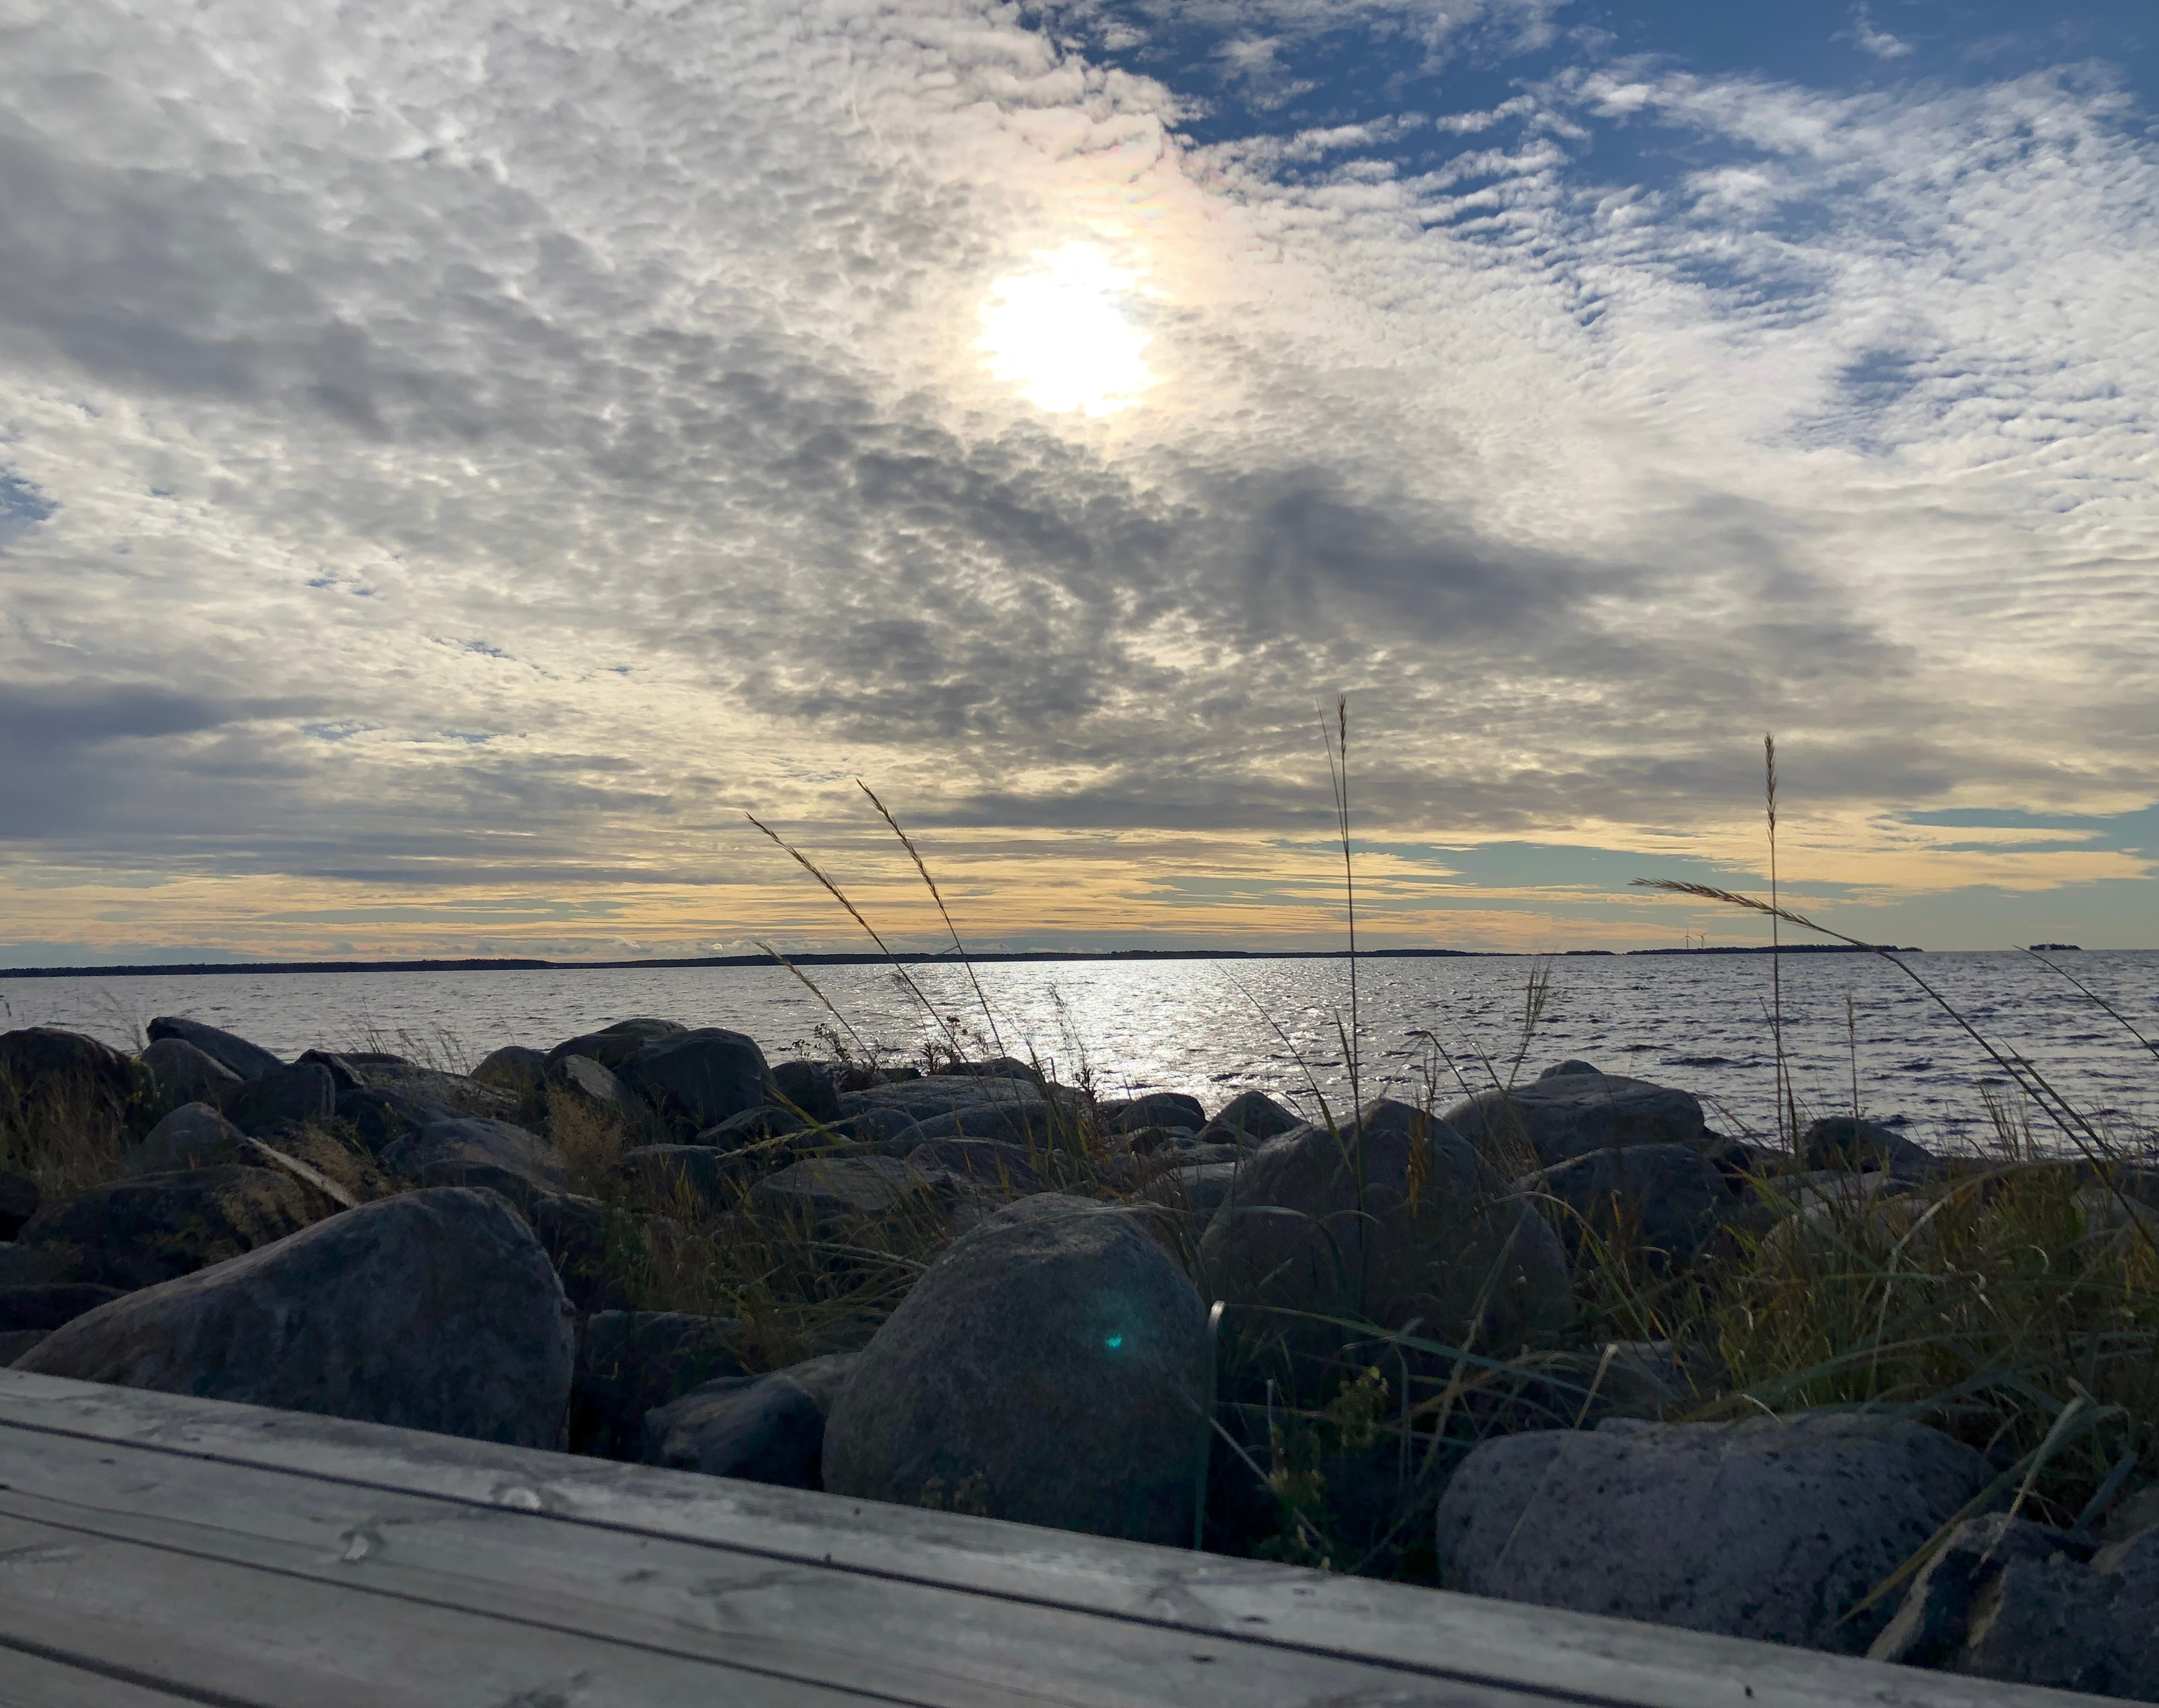 Merihorisonttinäkymä. Taivaalla aurinko kuultaa läpi harmaanvalkean, ohuen hattarapilven. Taivaarannassa saaria; oikealla saari, jolla kaksi tuuliturbiinia. Auringonvalo heijastuu merenpinnasta; pinnalla myös pientä veden aaltoilua. Etualalla (rannassa) harmaita kivenlohkareita ja niiden väleissä kasvavia heinänkorsia, joiden ylimmät kukinnot yltävät kuvassa lähes auringon korkeudelle. Keskimmäisen kiven päällä turkoosi, puolikuun muotoinen linssiheijastuma auringosta. Alimpana kuvassa (aivan etualalla) puinen, harmaista lankuista tehty terassi.